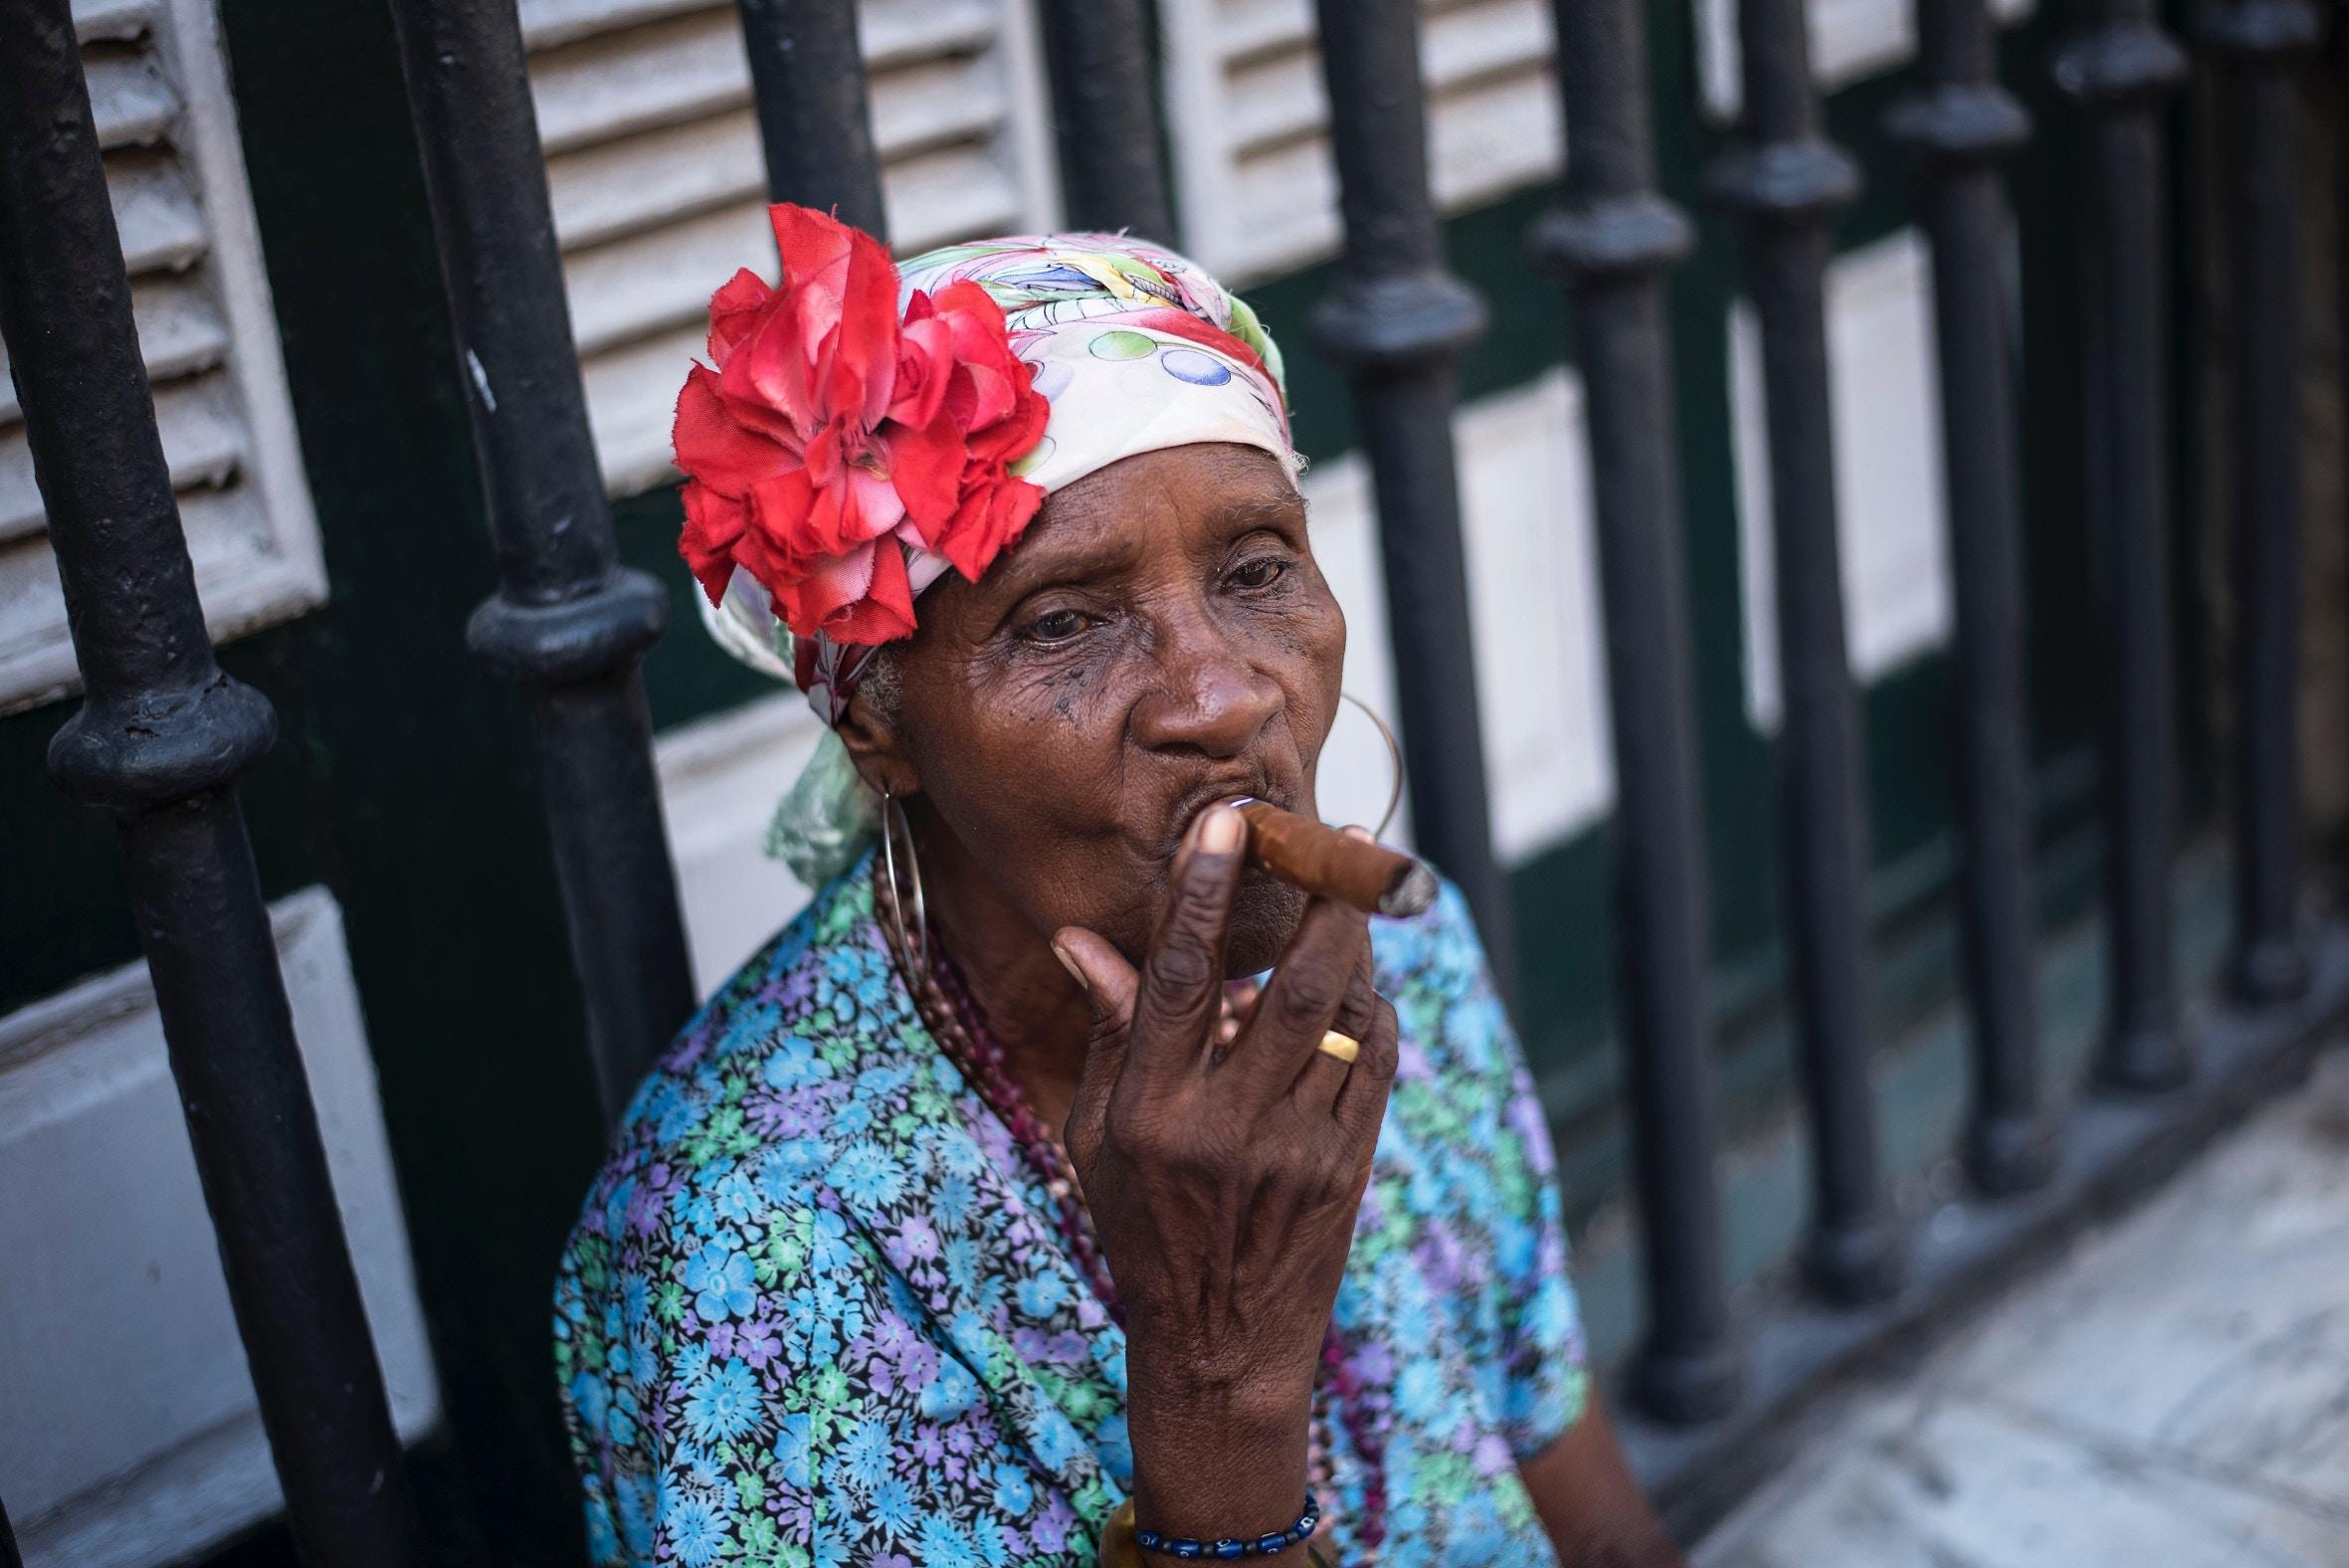 GRUPO MÍNIMO 10 PAX Ciudades Patrimoniales en Casas Coloniales con Cayo Coco (11 noches)